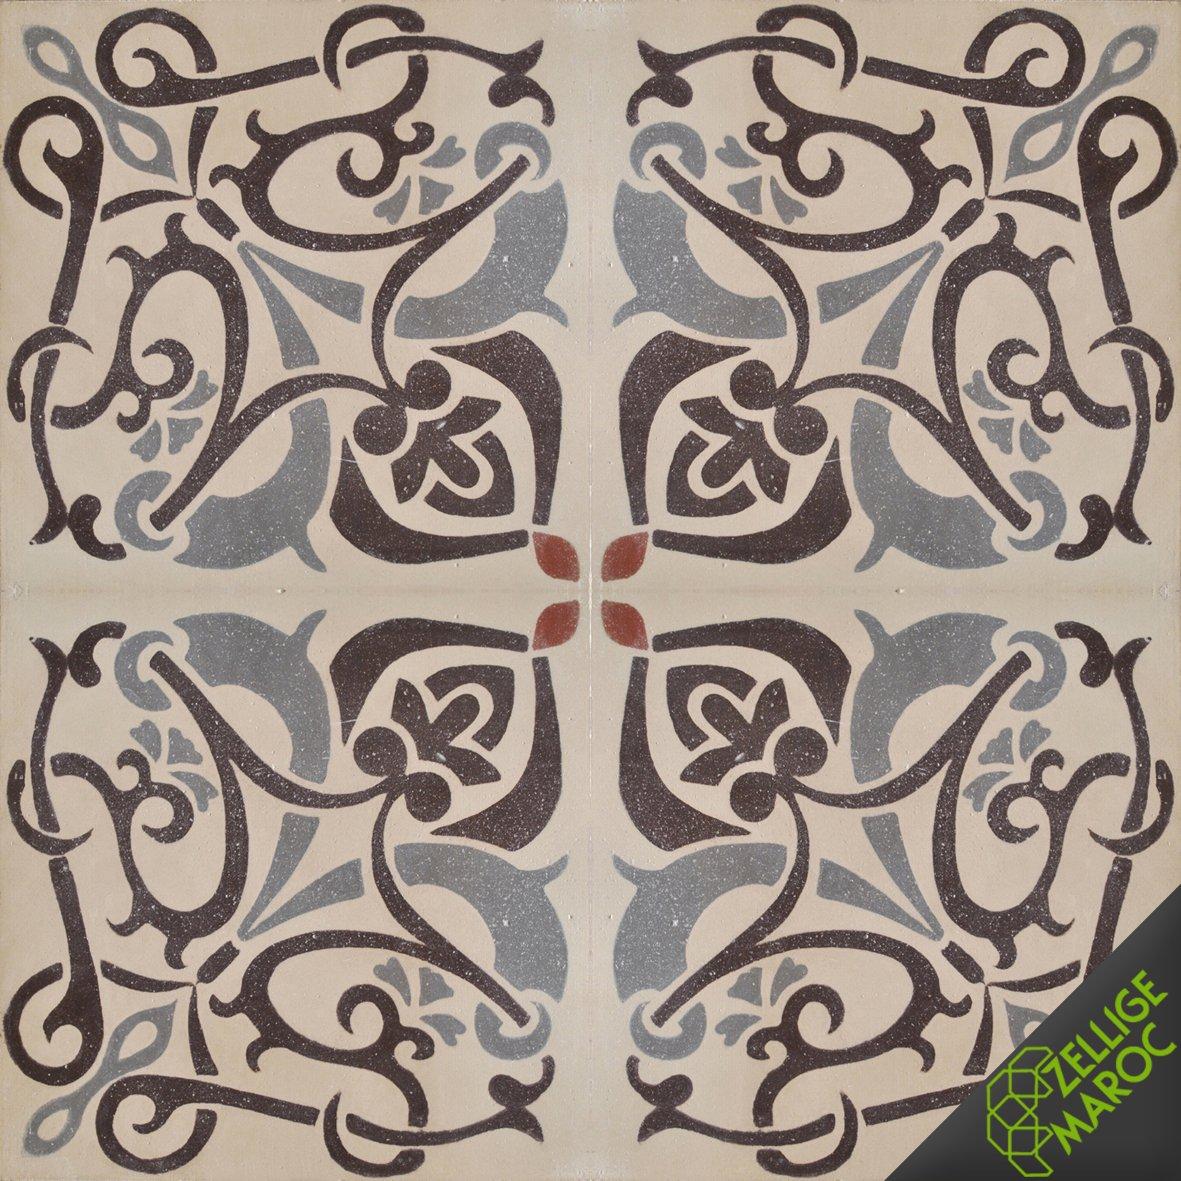 carreaux ciment n02 zellige maroc. Black Bedroom Furniture Sets. Home Design Ideas